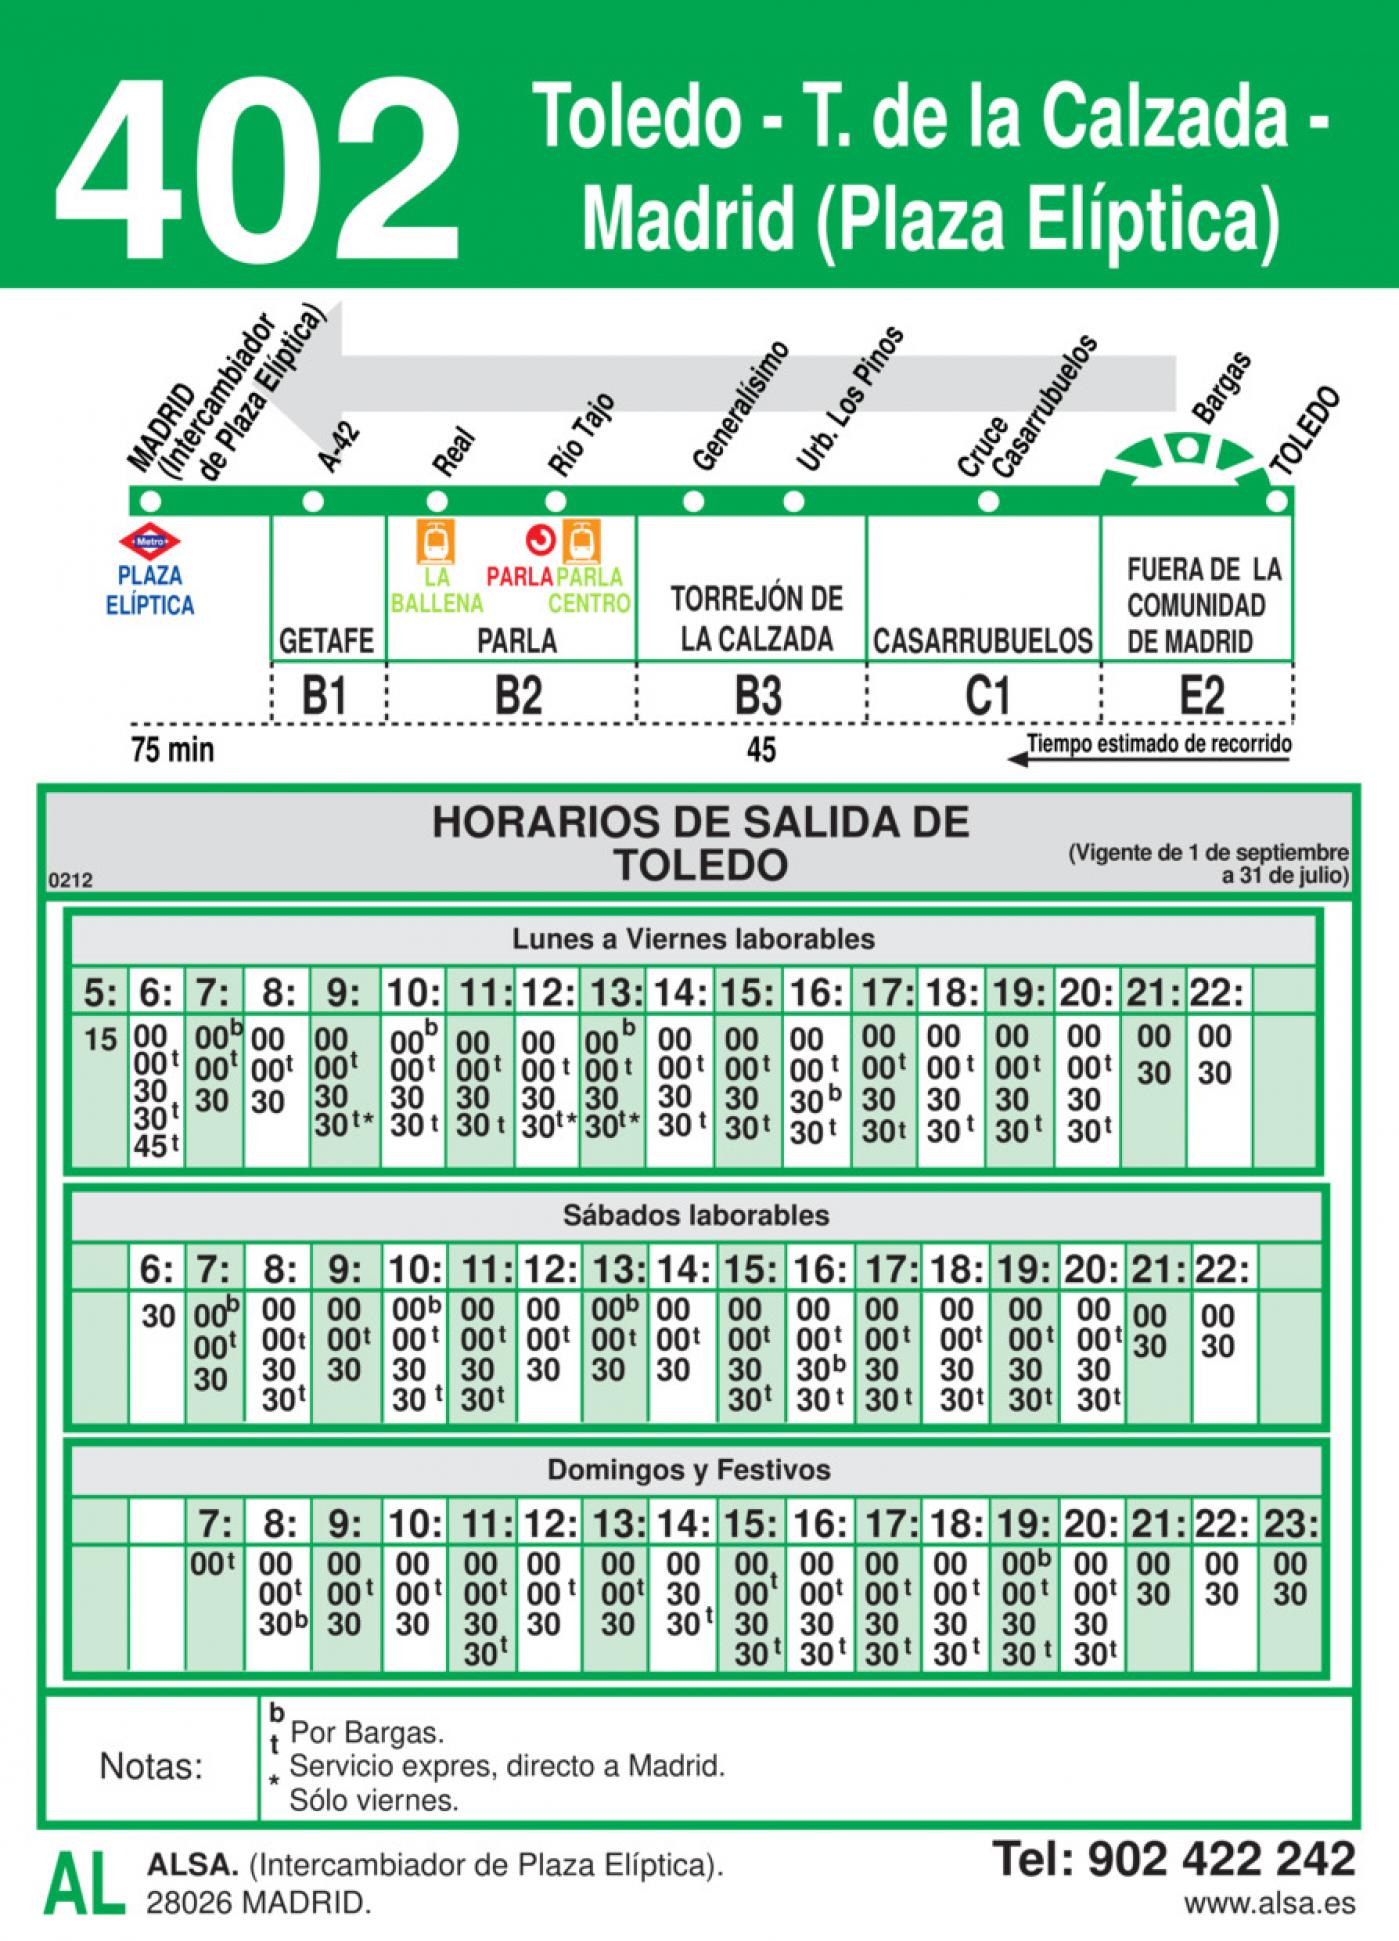 Tabla de horarios y frecuencias de paso en sentido vuelta Línea 402: Madrid (Plaza Elíptica) - Torrejón de la Calzada - Toledo